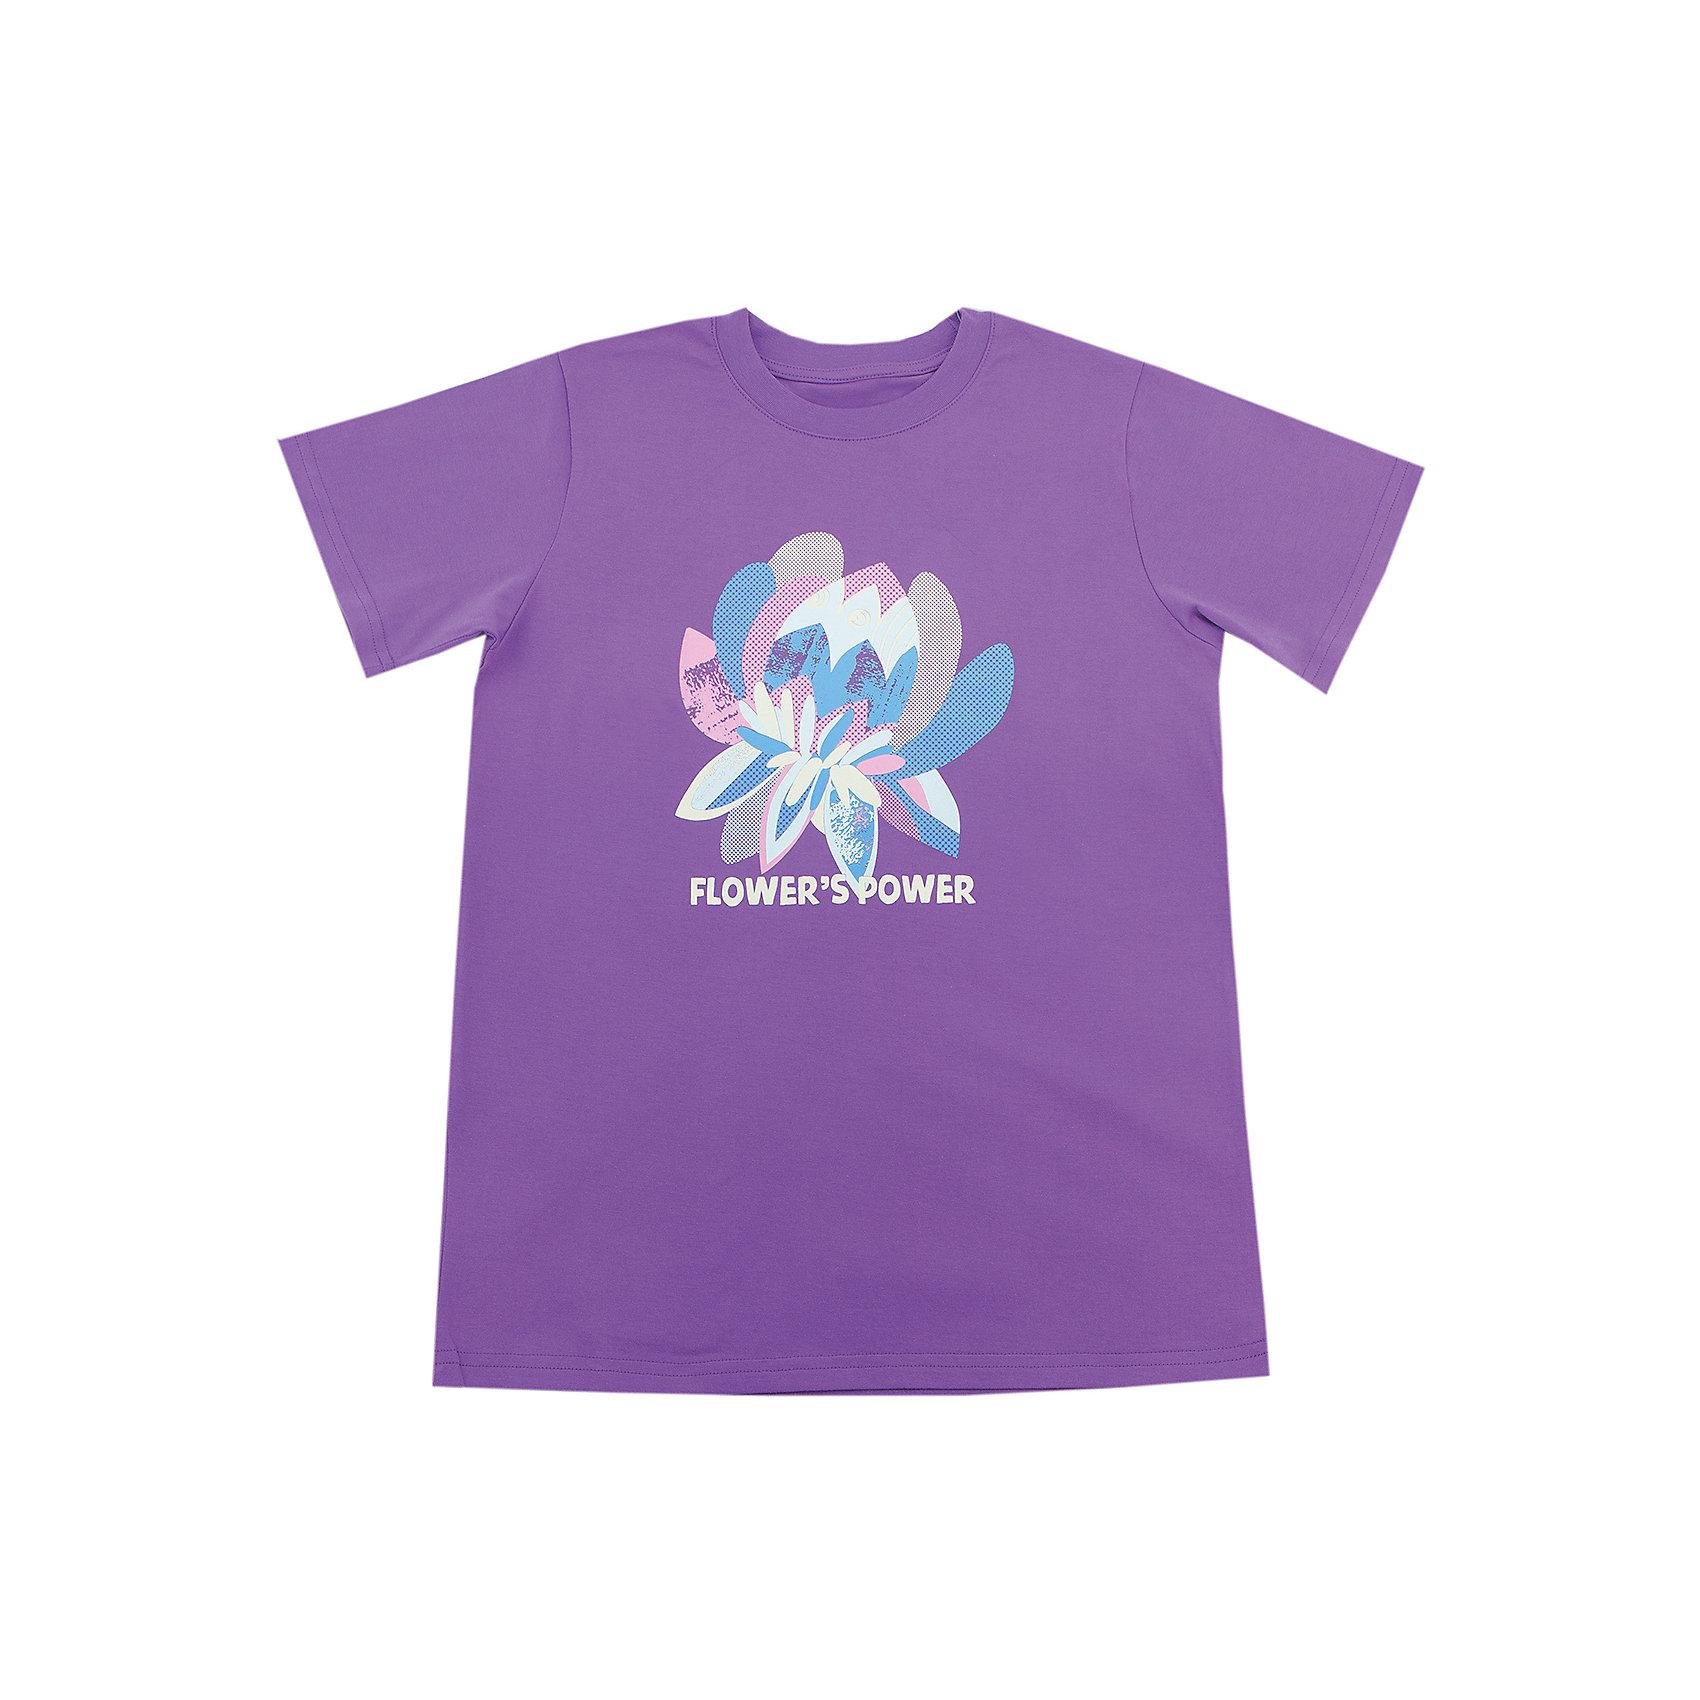 Футболка для девочки WOWФутболки, поло и топы<br>Футболка для девочки WOW<br>Незаменимой вещью в  гардеробе послужит футболка с коротким рукавом. Стильная и в тоже время комфортная модель, с яркой оригинальной печатью, будет превосходно смотреться на ребенке.<br>Состав:<br>кулирная гладь 100% хлопок<br><br>Ширина мм: 199<br>Глубина мм: 10<br>Высота мм: 161<br>Вес г: 151<br>Цвет: фиолетовый<br>Возраст от месяцев: 144<br>Возраст до месяцев: 156<br>Пол: Женский<br>Возраст: Детский<br>Размер: 158,164,128,134,140,146,152<br>SKU: 6871779